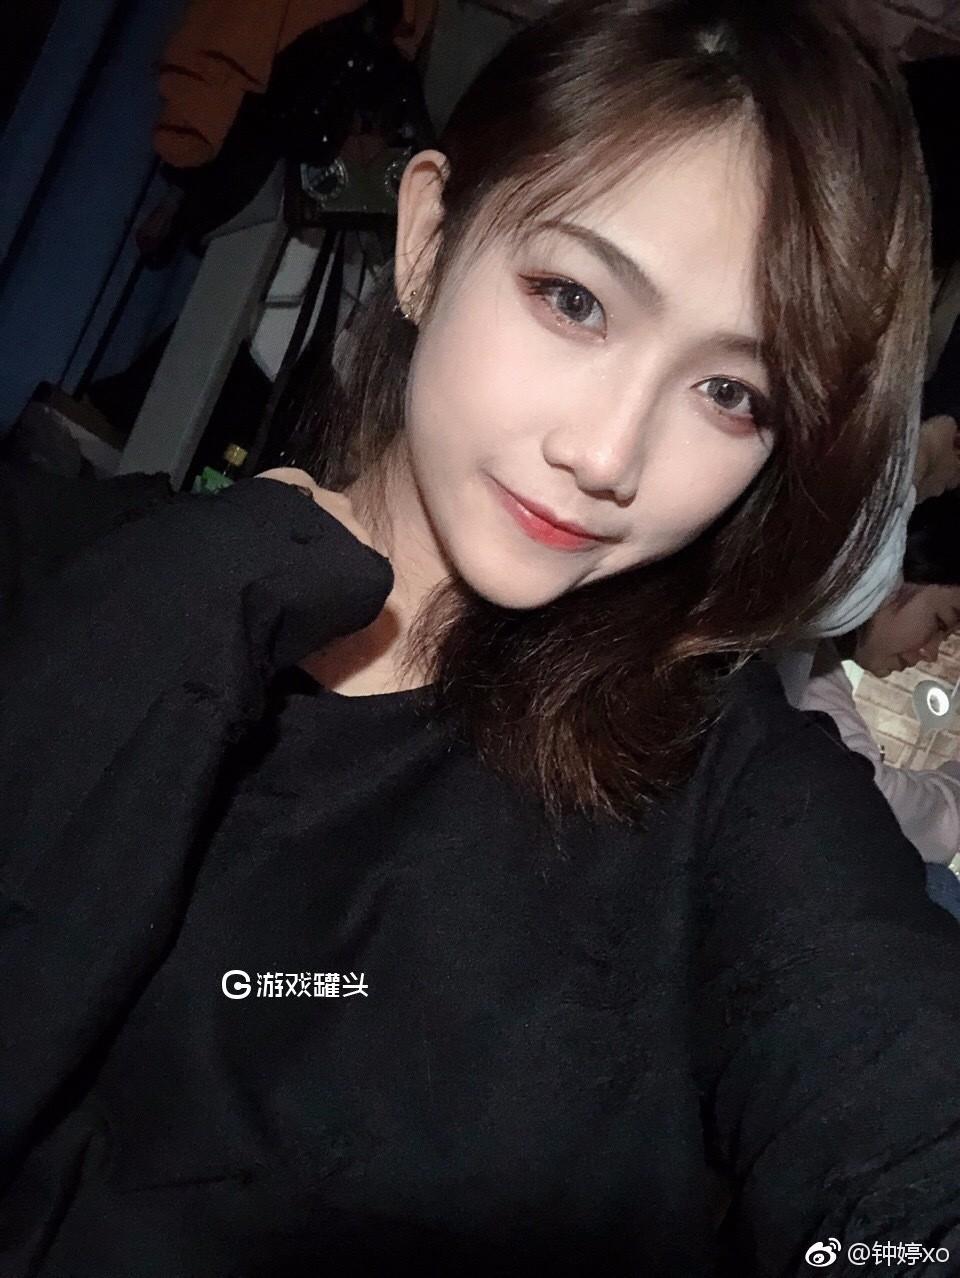 钟婷最新自拍照片之这个女孩有点酷 还有点可爱20P